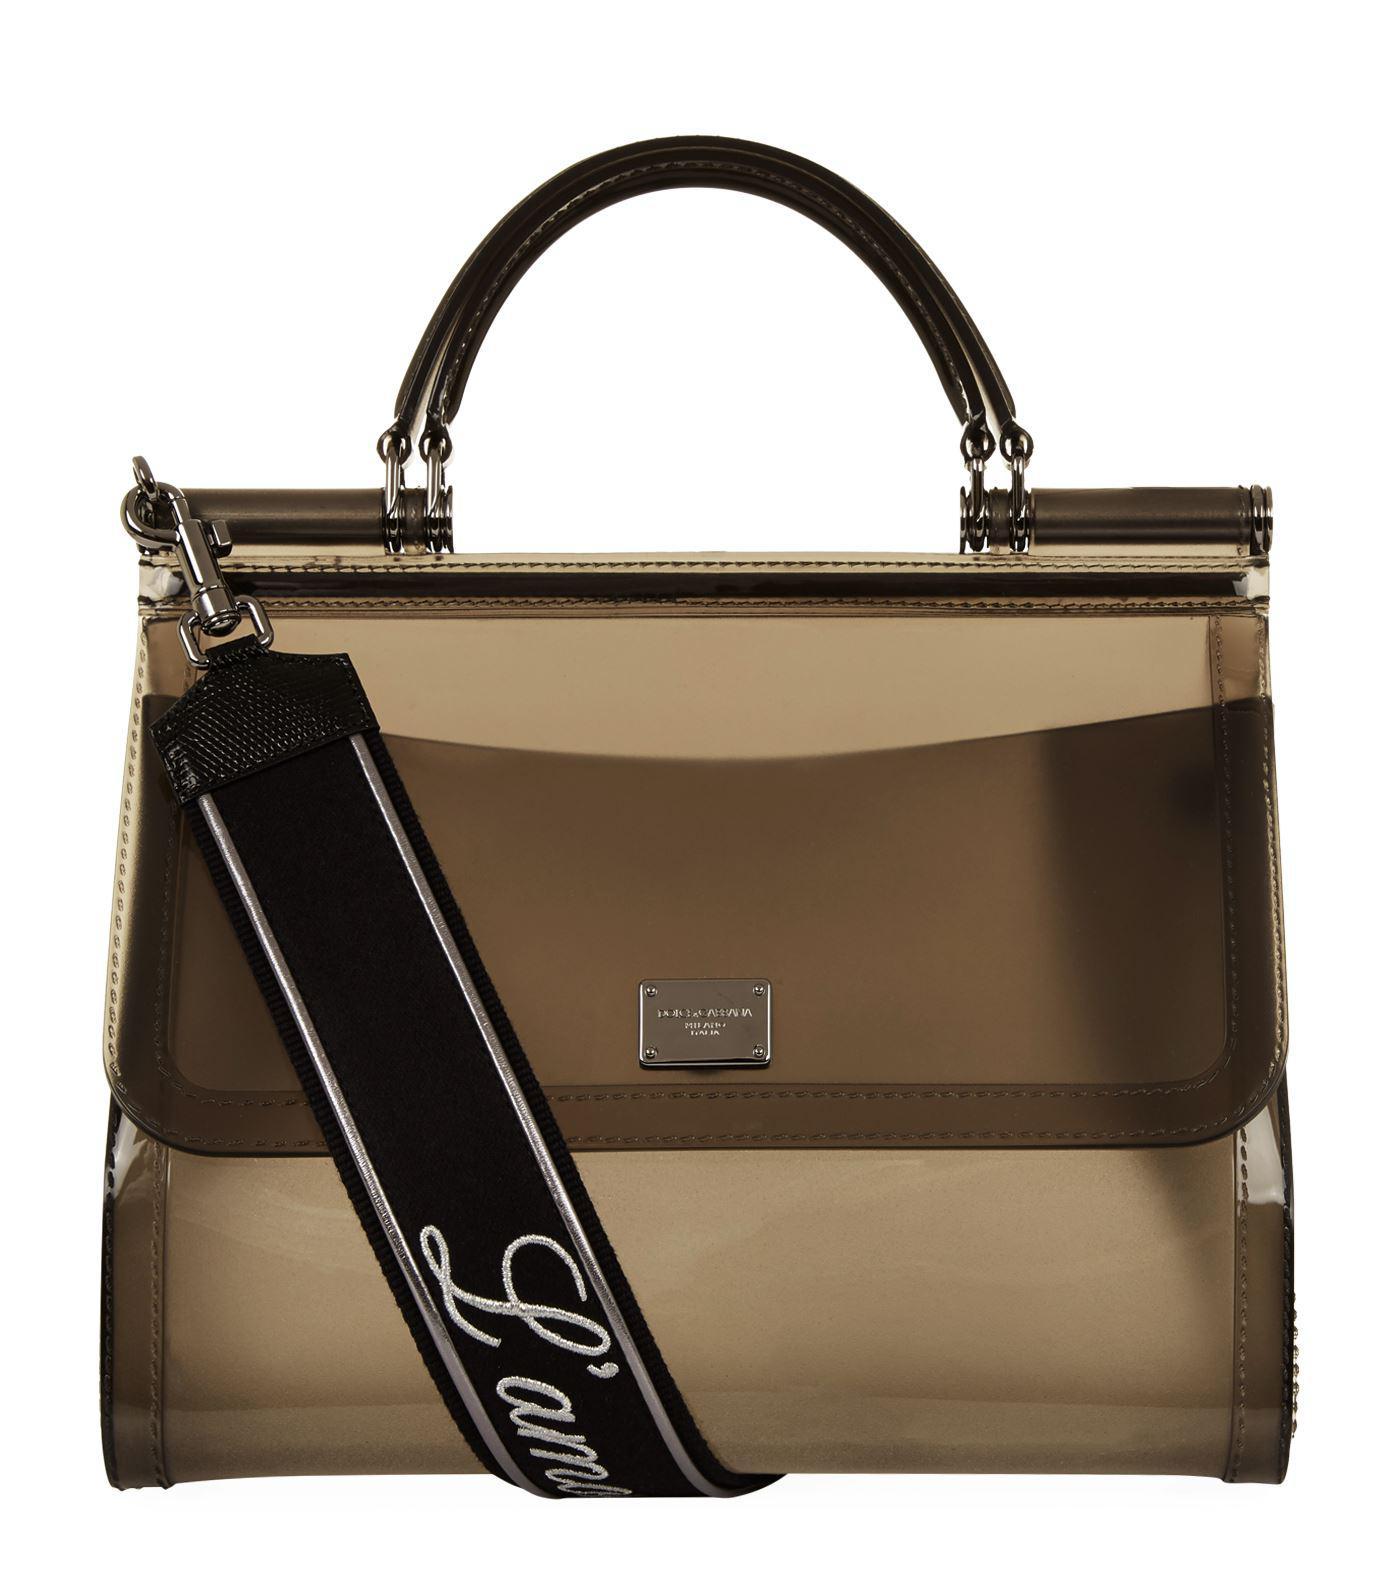 ccc4a9877cbe Lyst - Dolce   Gabbana Semi-transparent Rubber Sicily Bag in Black